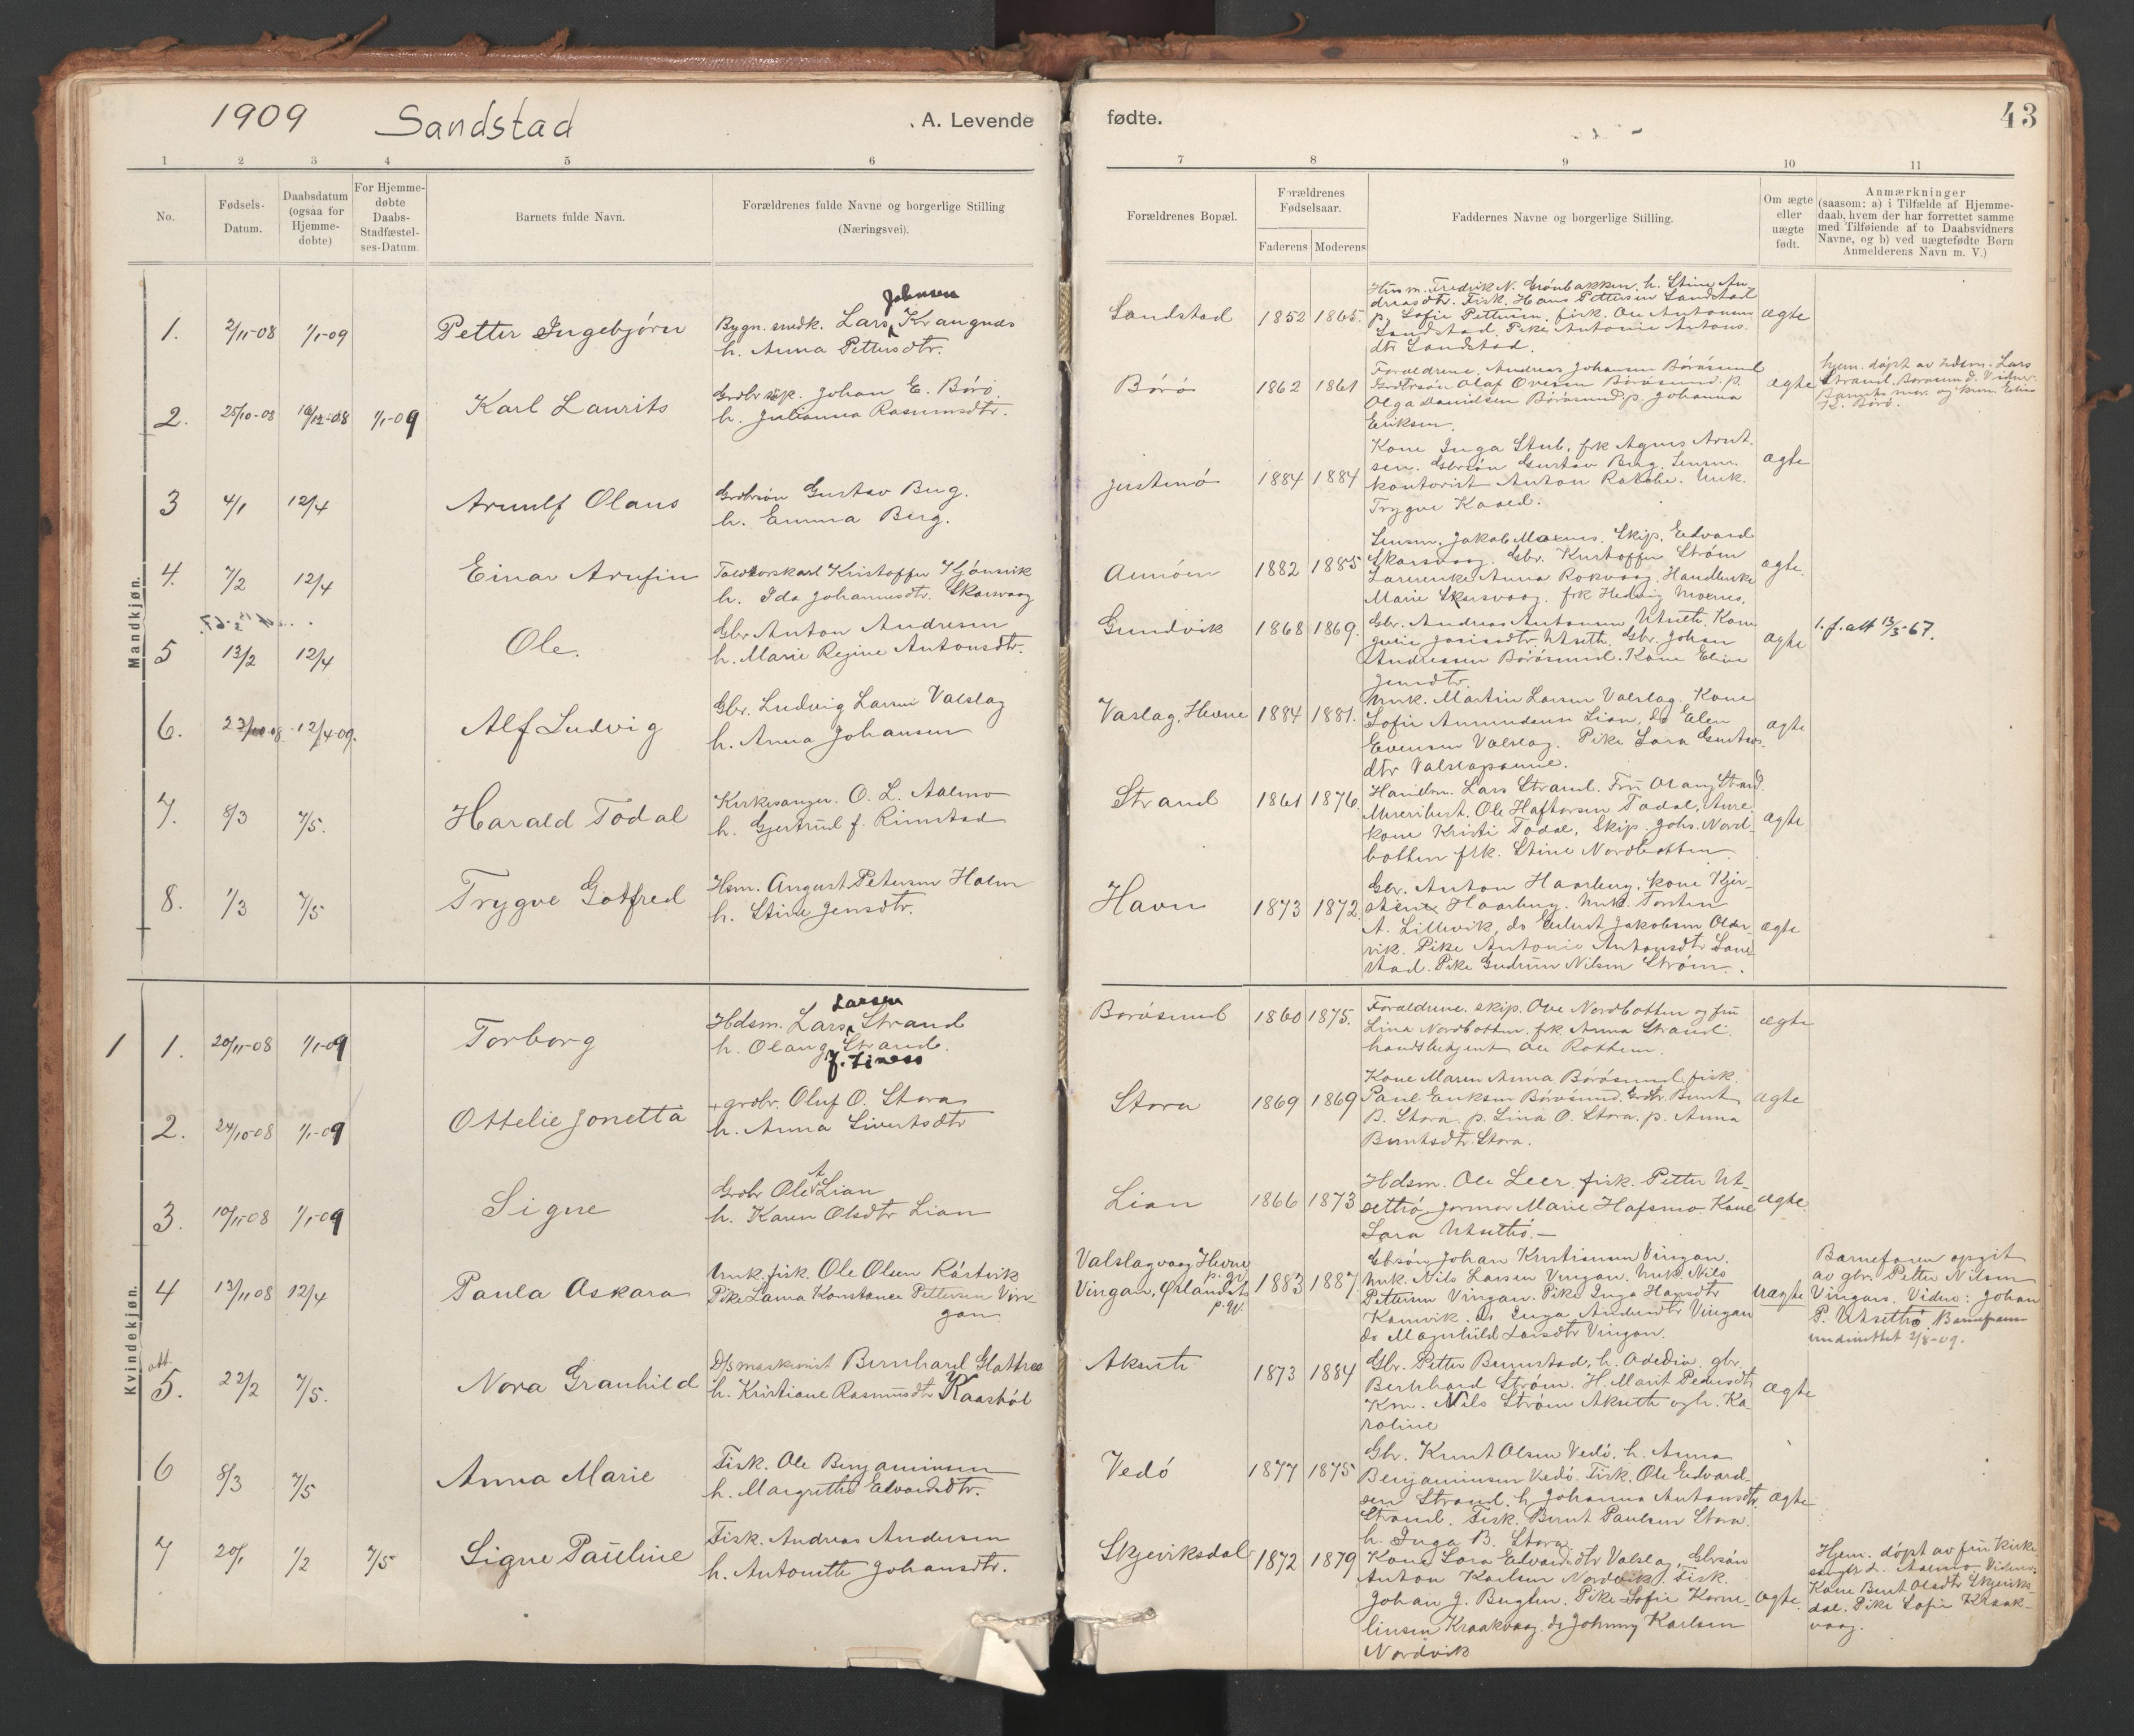 SAT, Ministerialprotokoller, klokkerbøker og fødselsregistre - Sør-Trøndelag, 639/L0572: Ministerialbok nr. 639A01, 1890-1920, s. 43